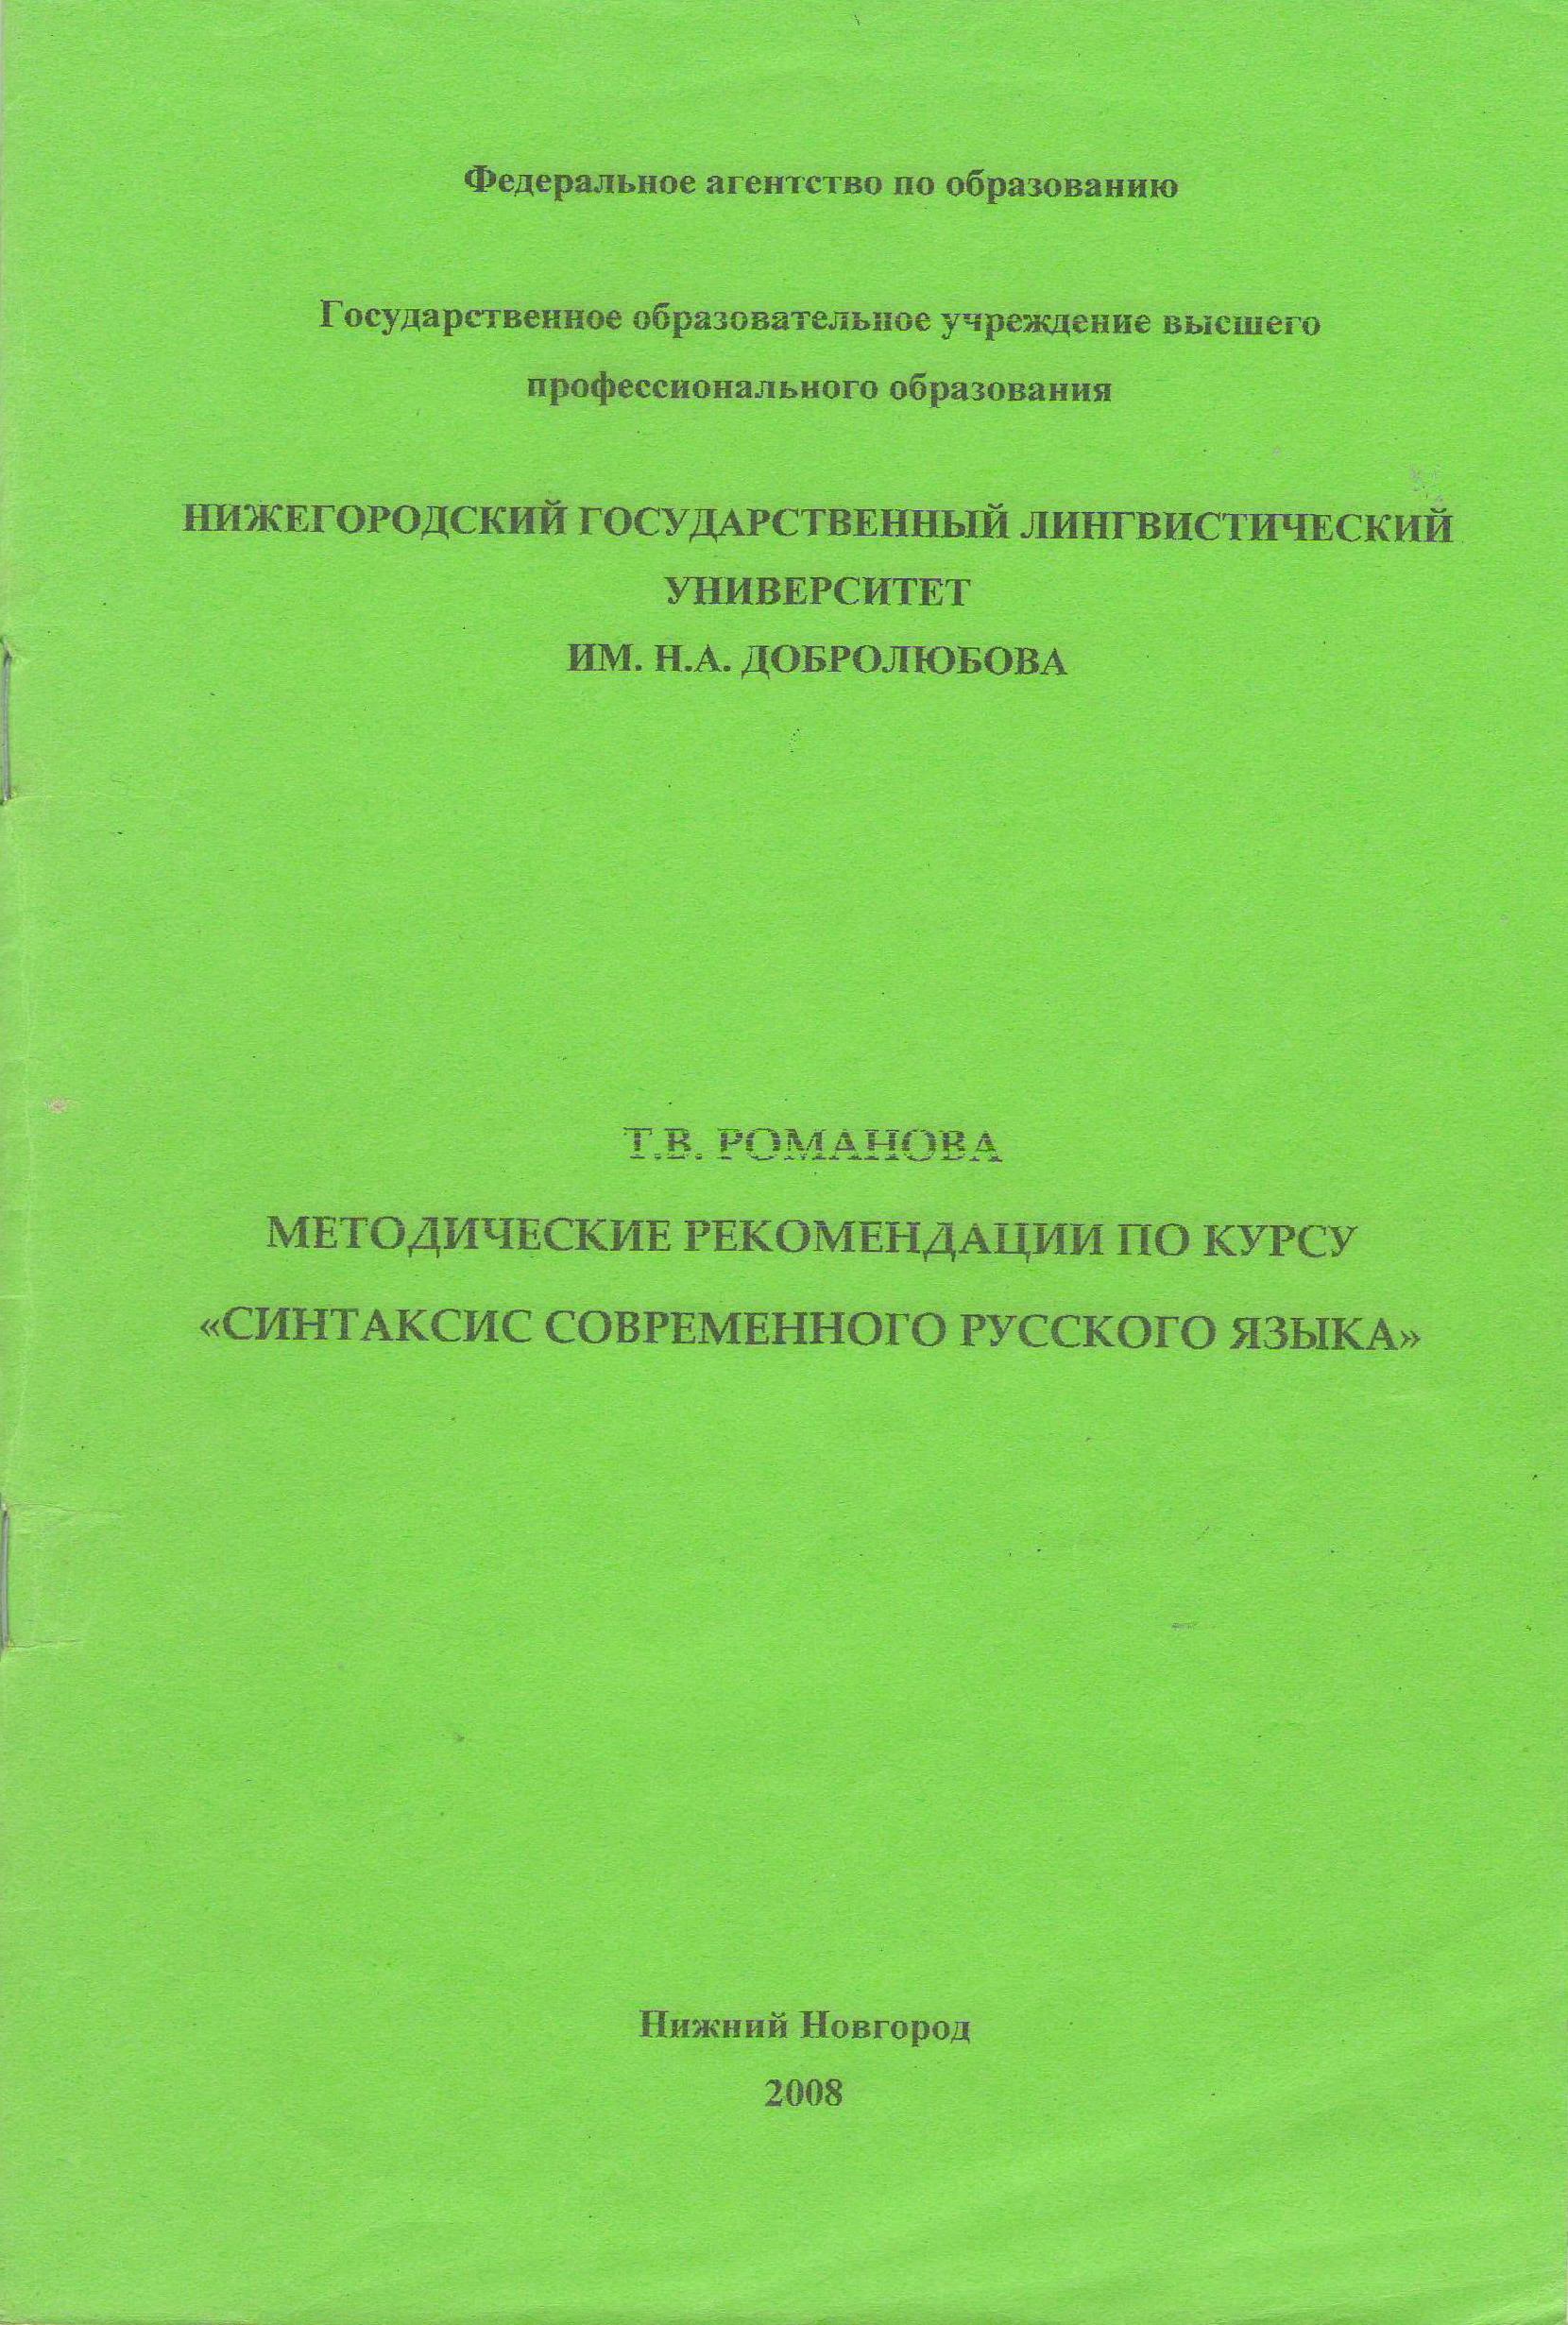 Методические рекомендации по курсу «Синтаксис современного русского языка»